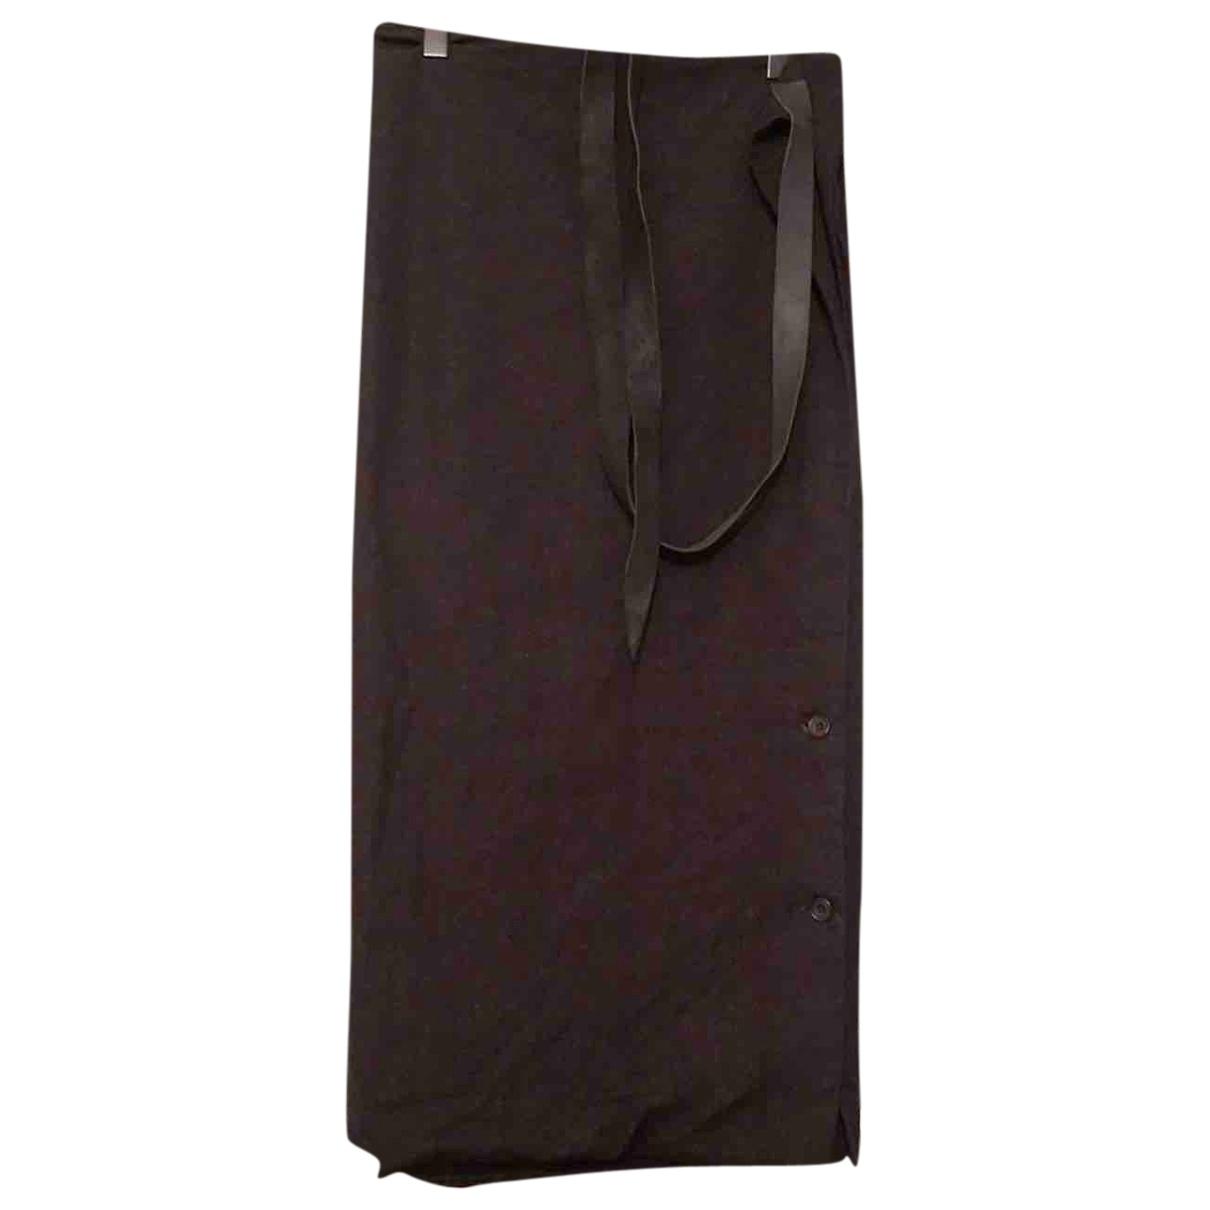 Paul Harnden Shoemakers \N Black Cotton skirt for Women M International